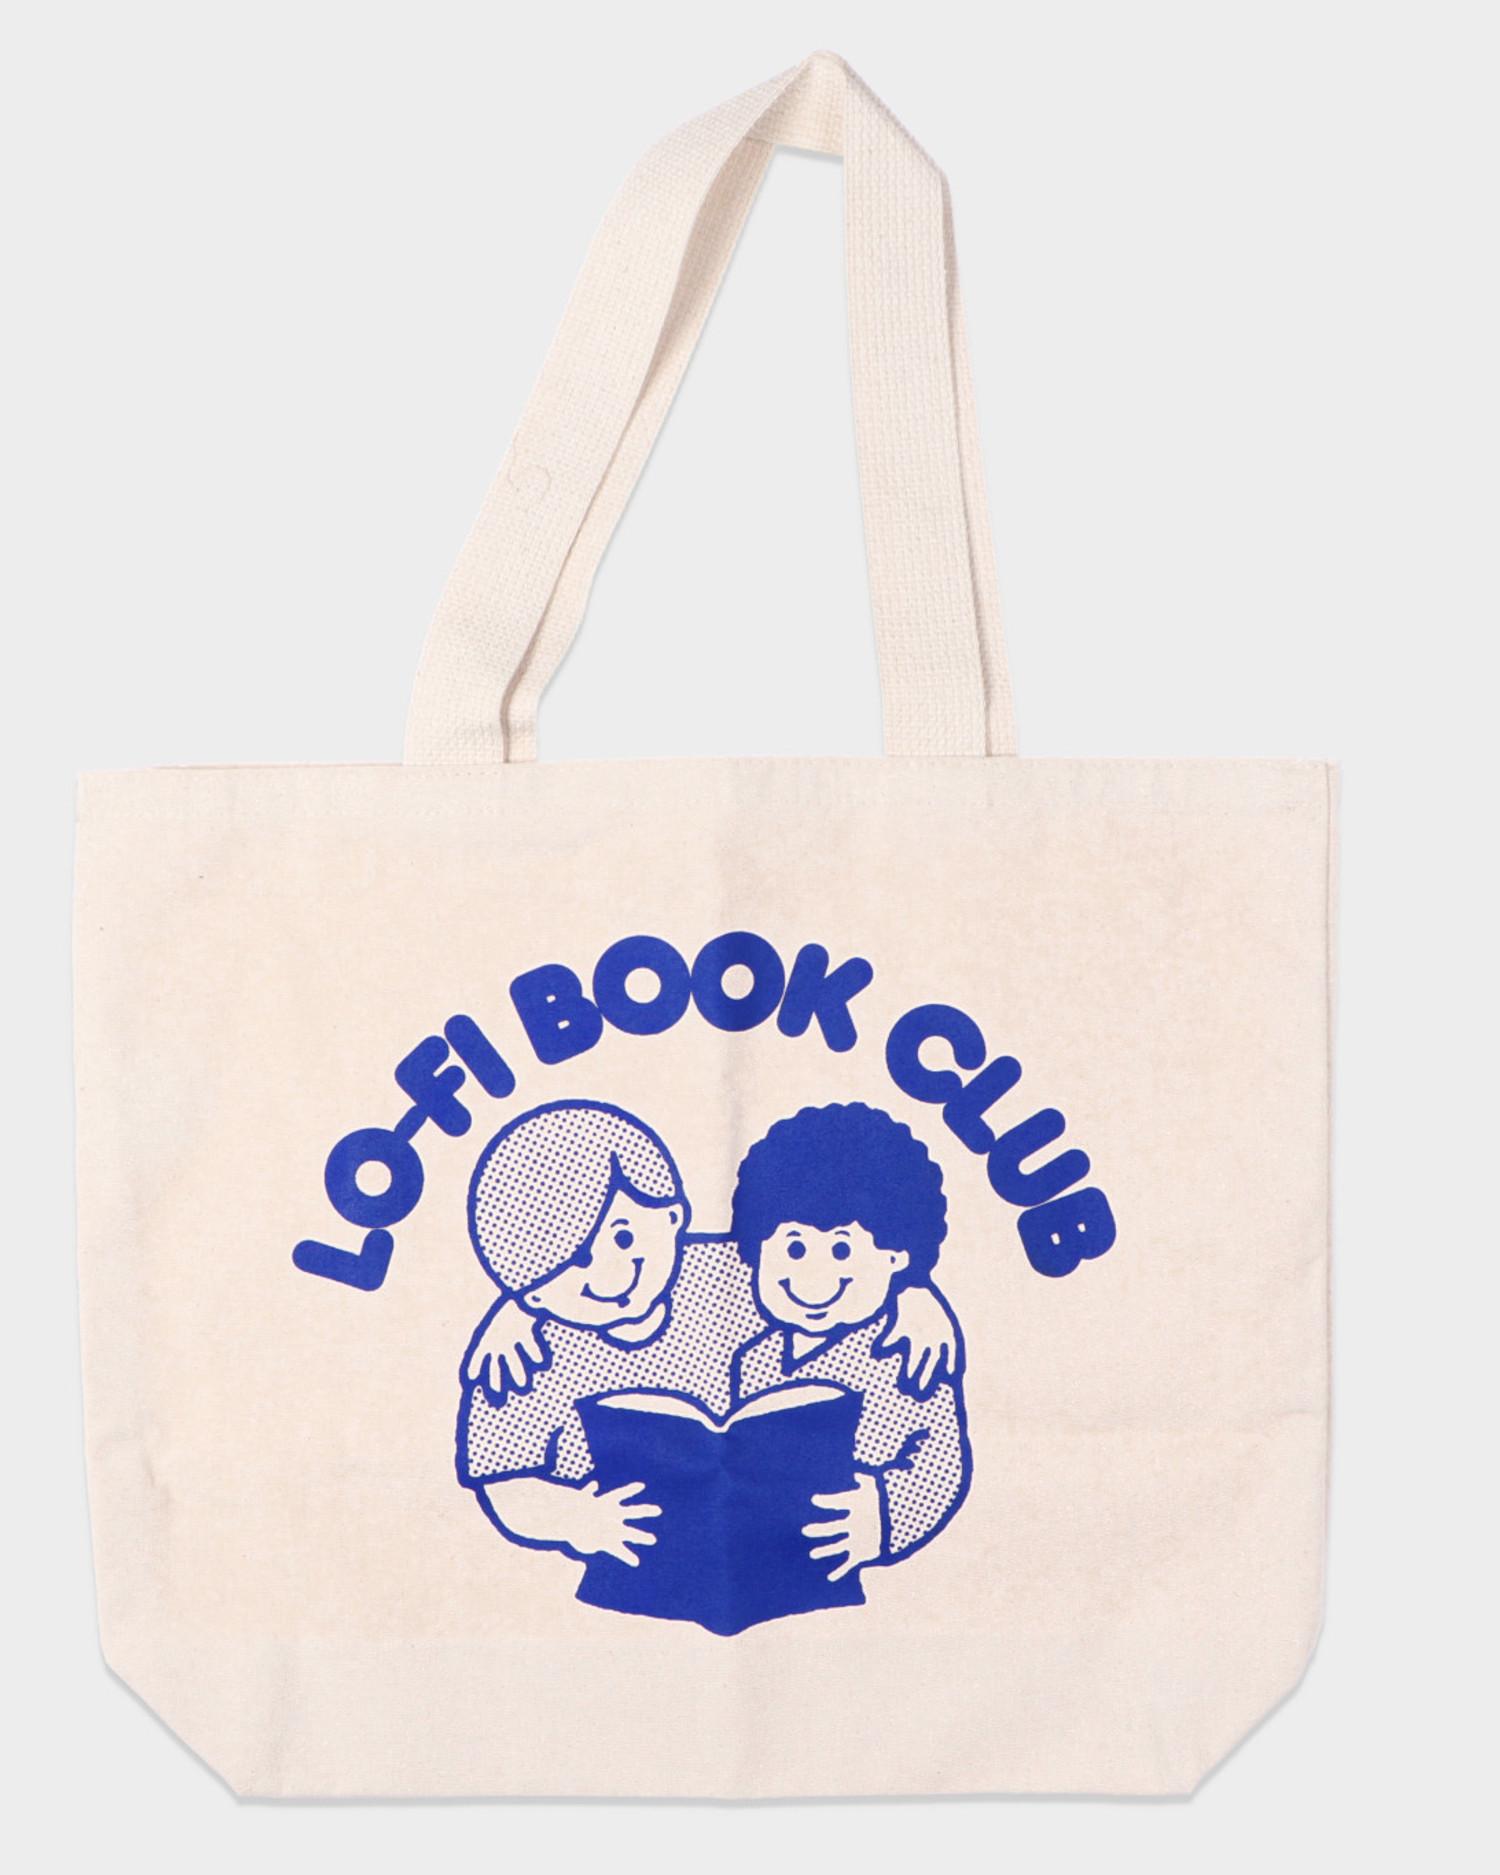 Lo-Fi Book Club Tote Bag Canvas